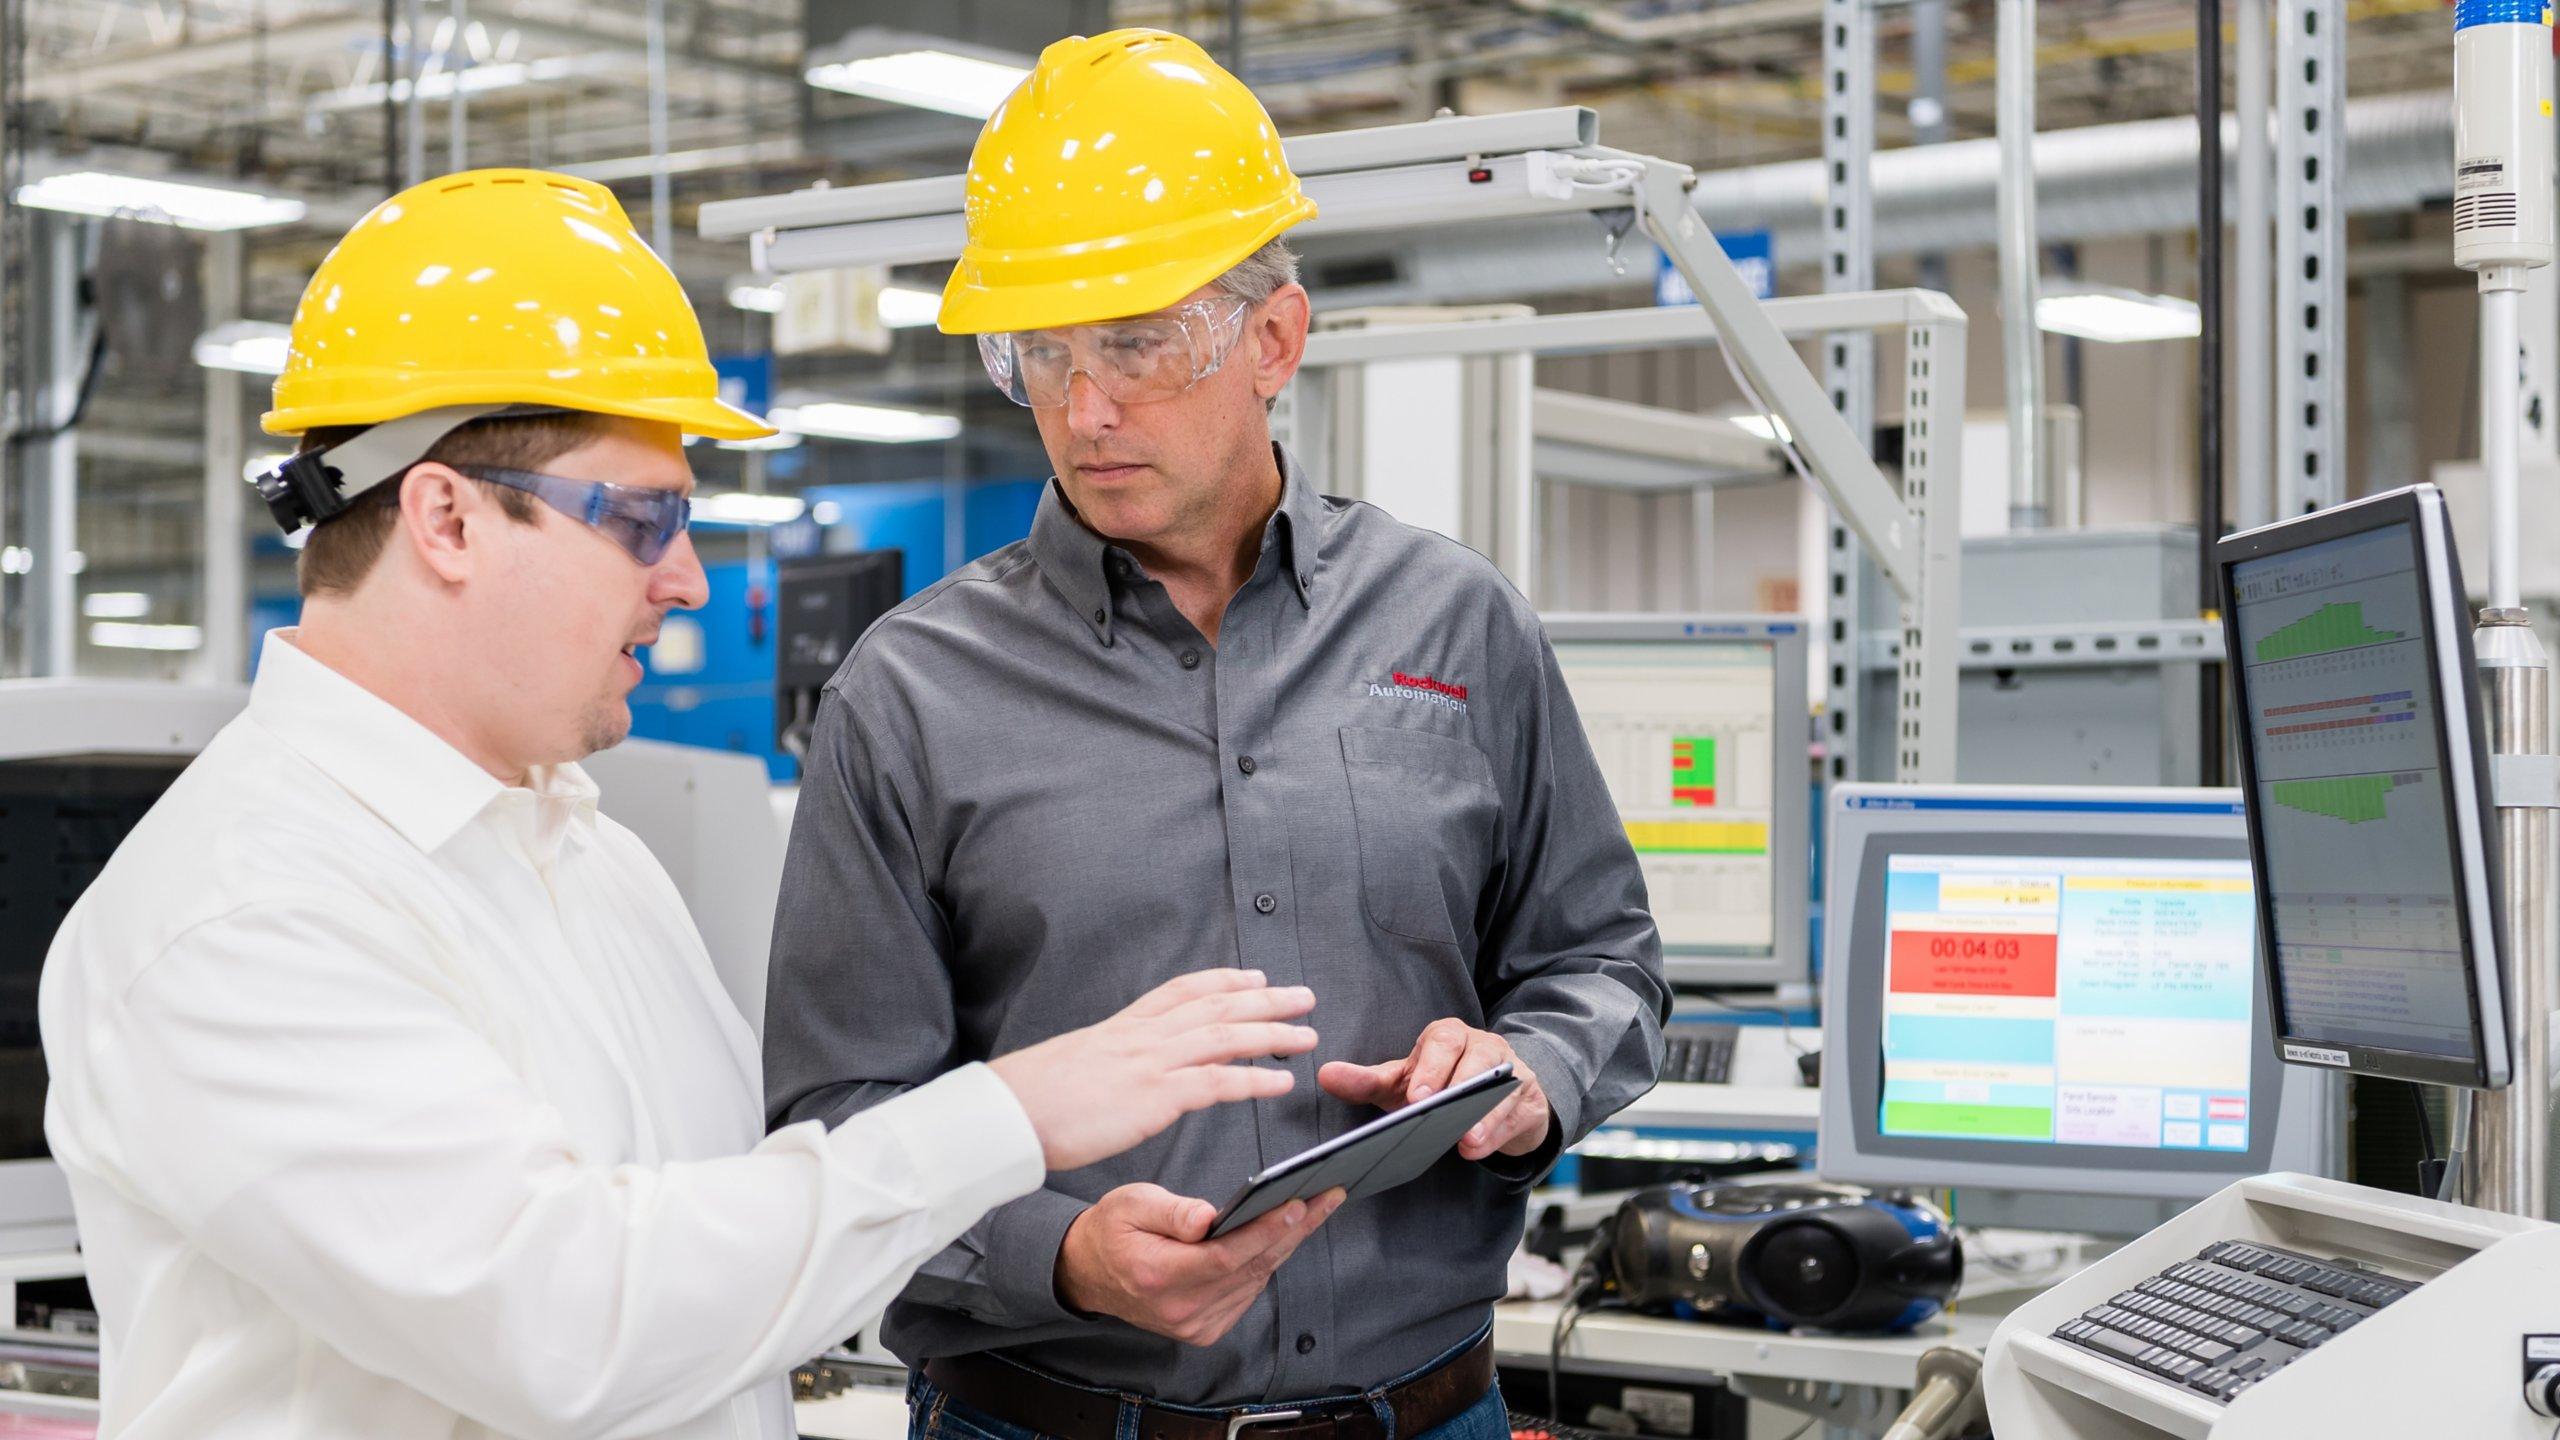 Deux travailleurs, dont l'un est vêtu d'une chemise Rockwell Automation, travaillent ensemble sur une tablette dans un environnement d'atelier